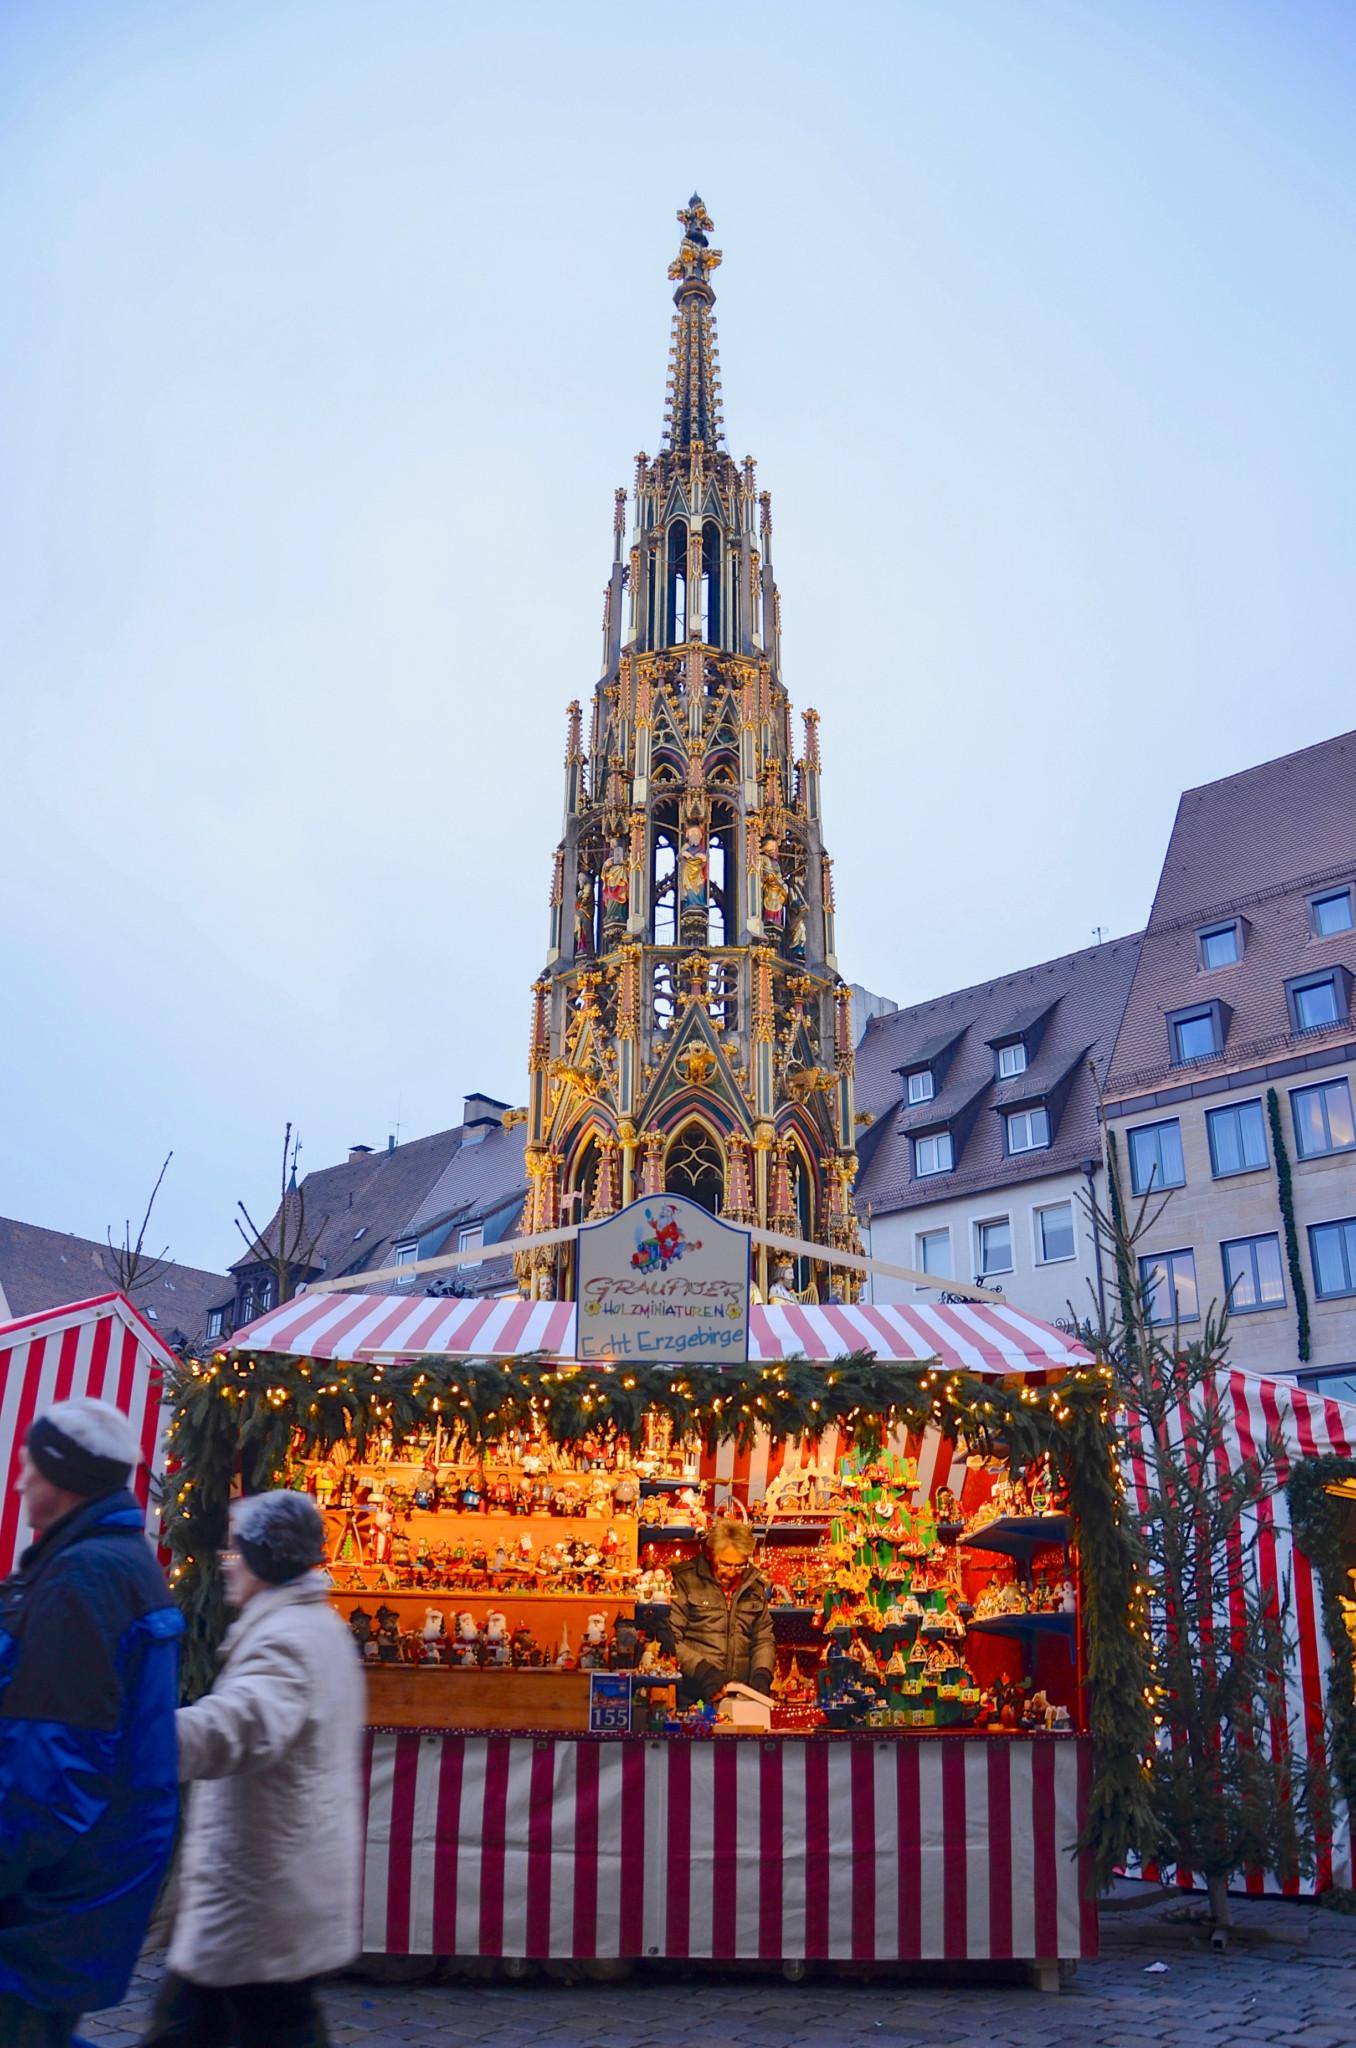 Romantik auf dem Nürnberger Weihnachtsmarkt